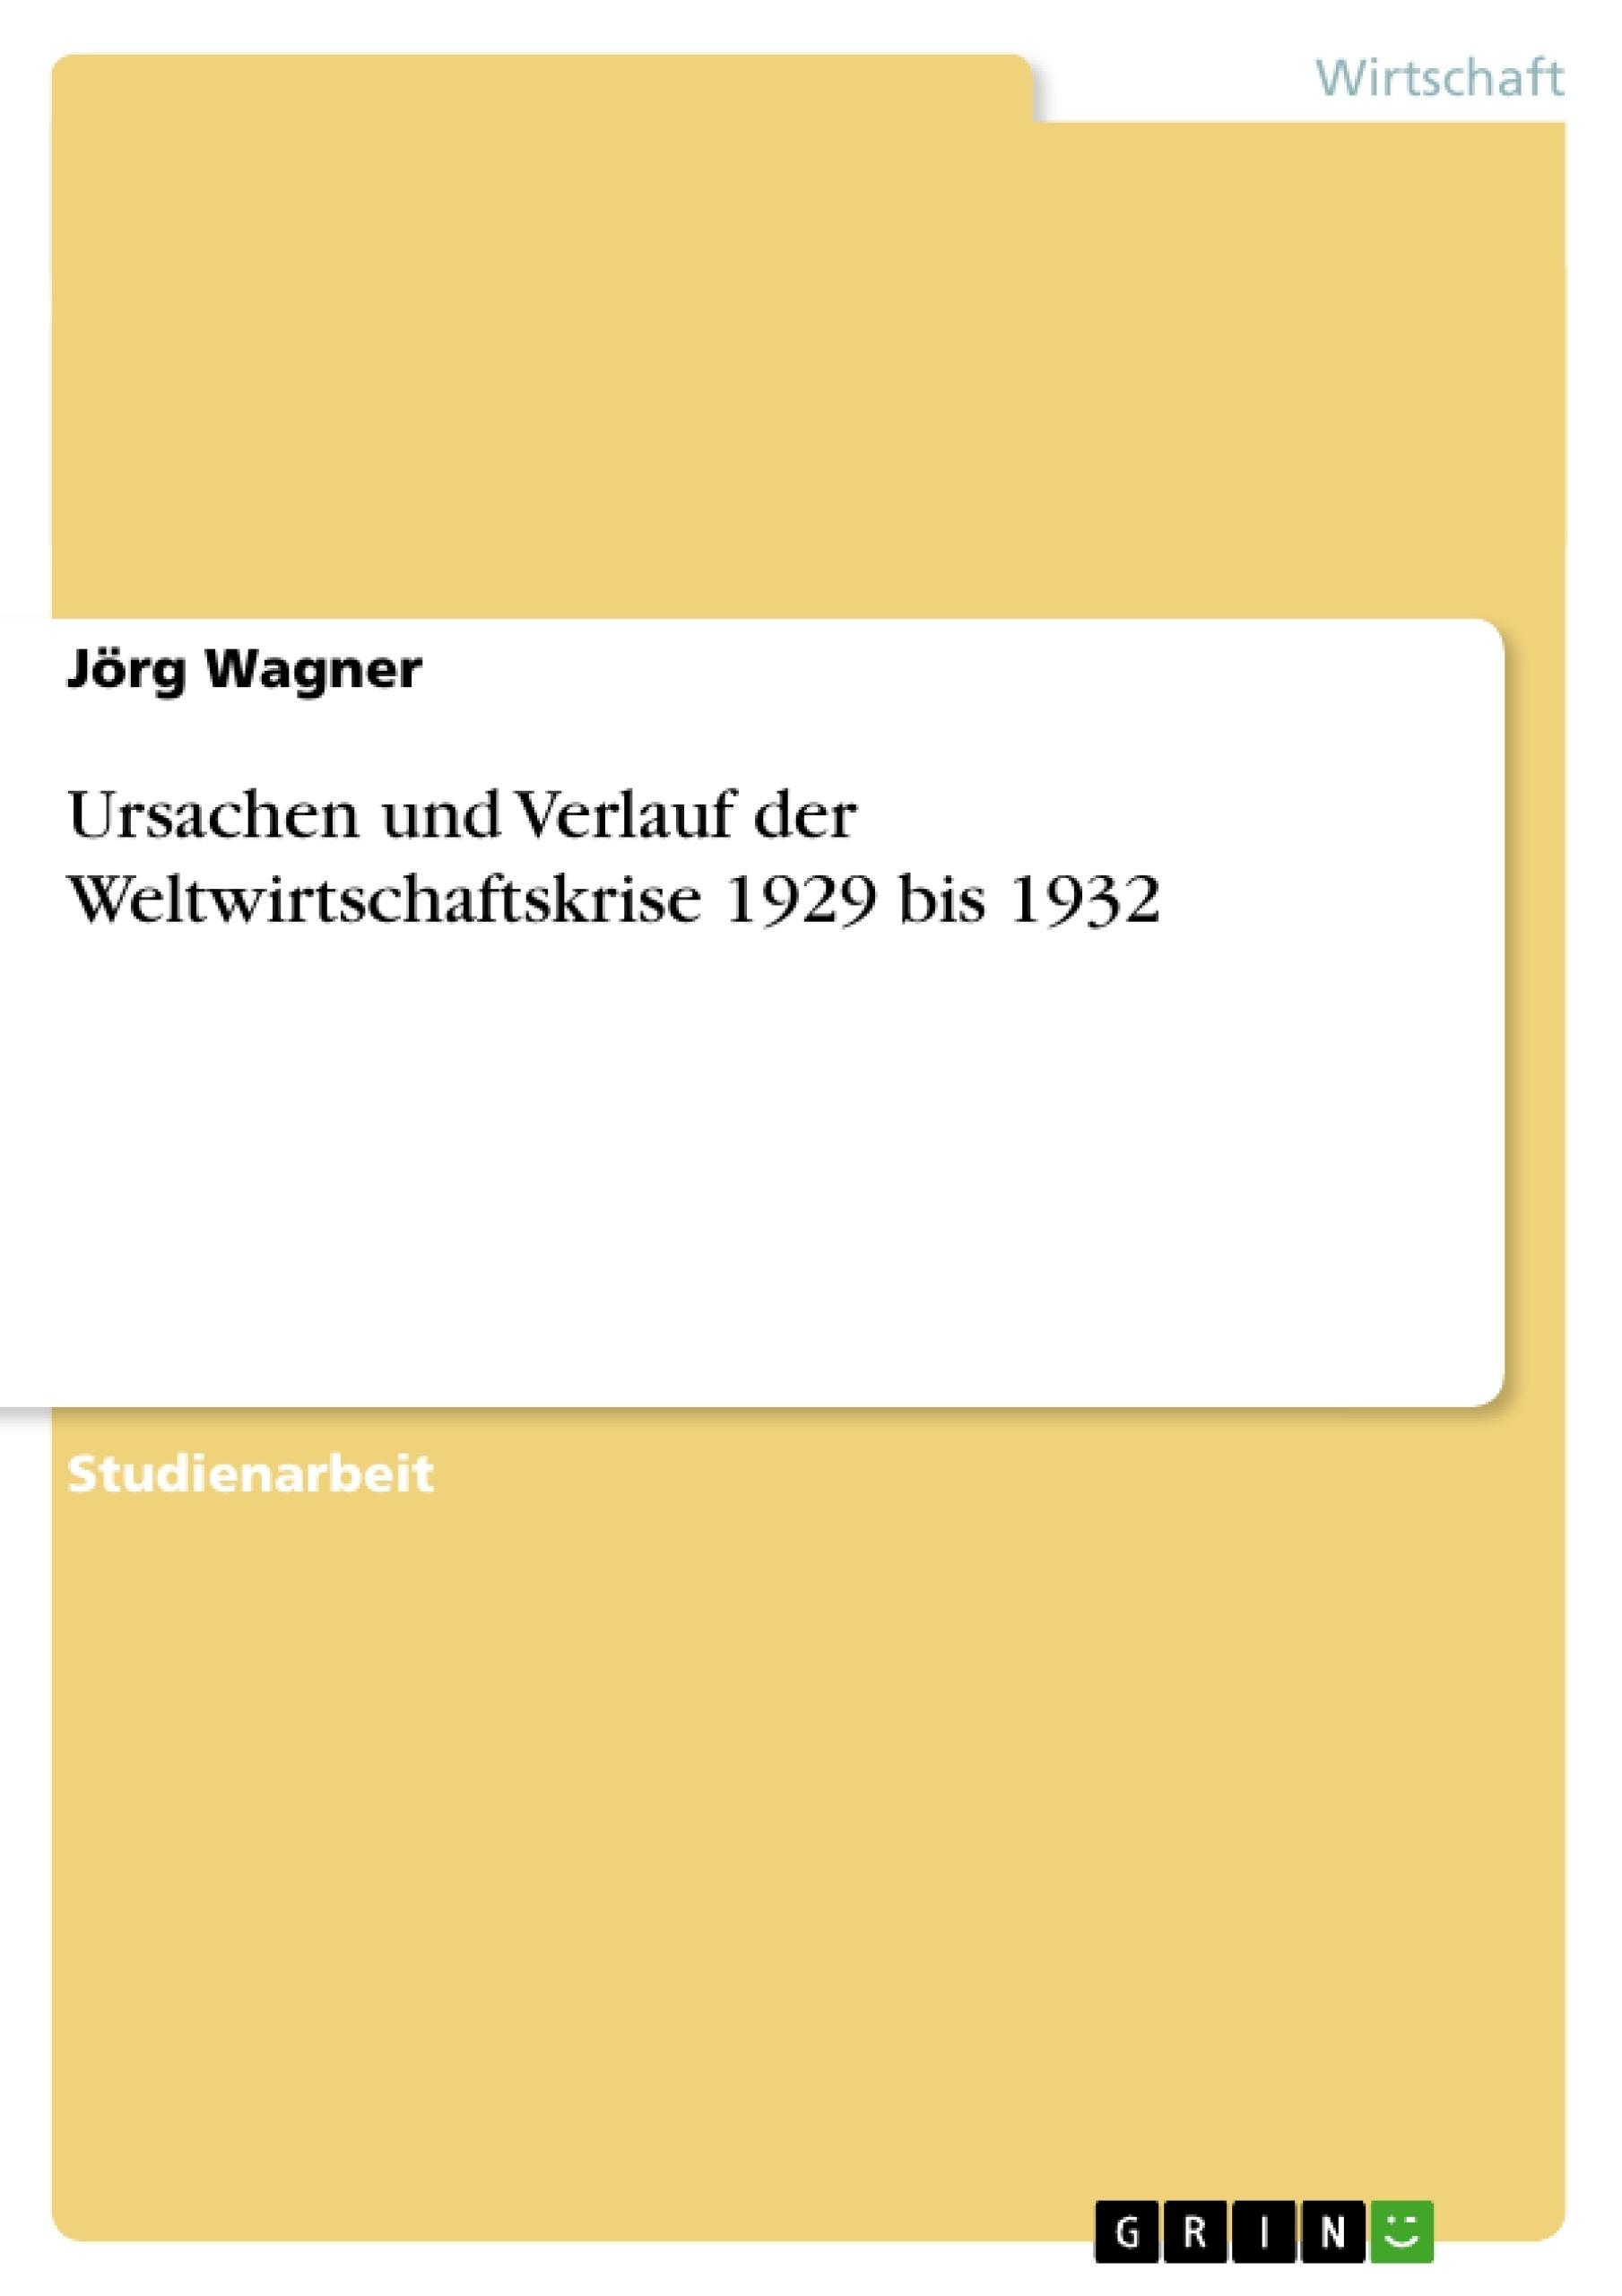 Titel: Ursachen und Verlauf der Weltwirtschaftskrise 1929 bis 1932